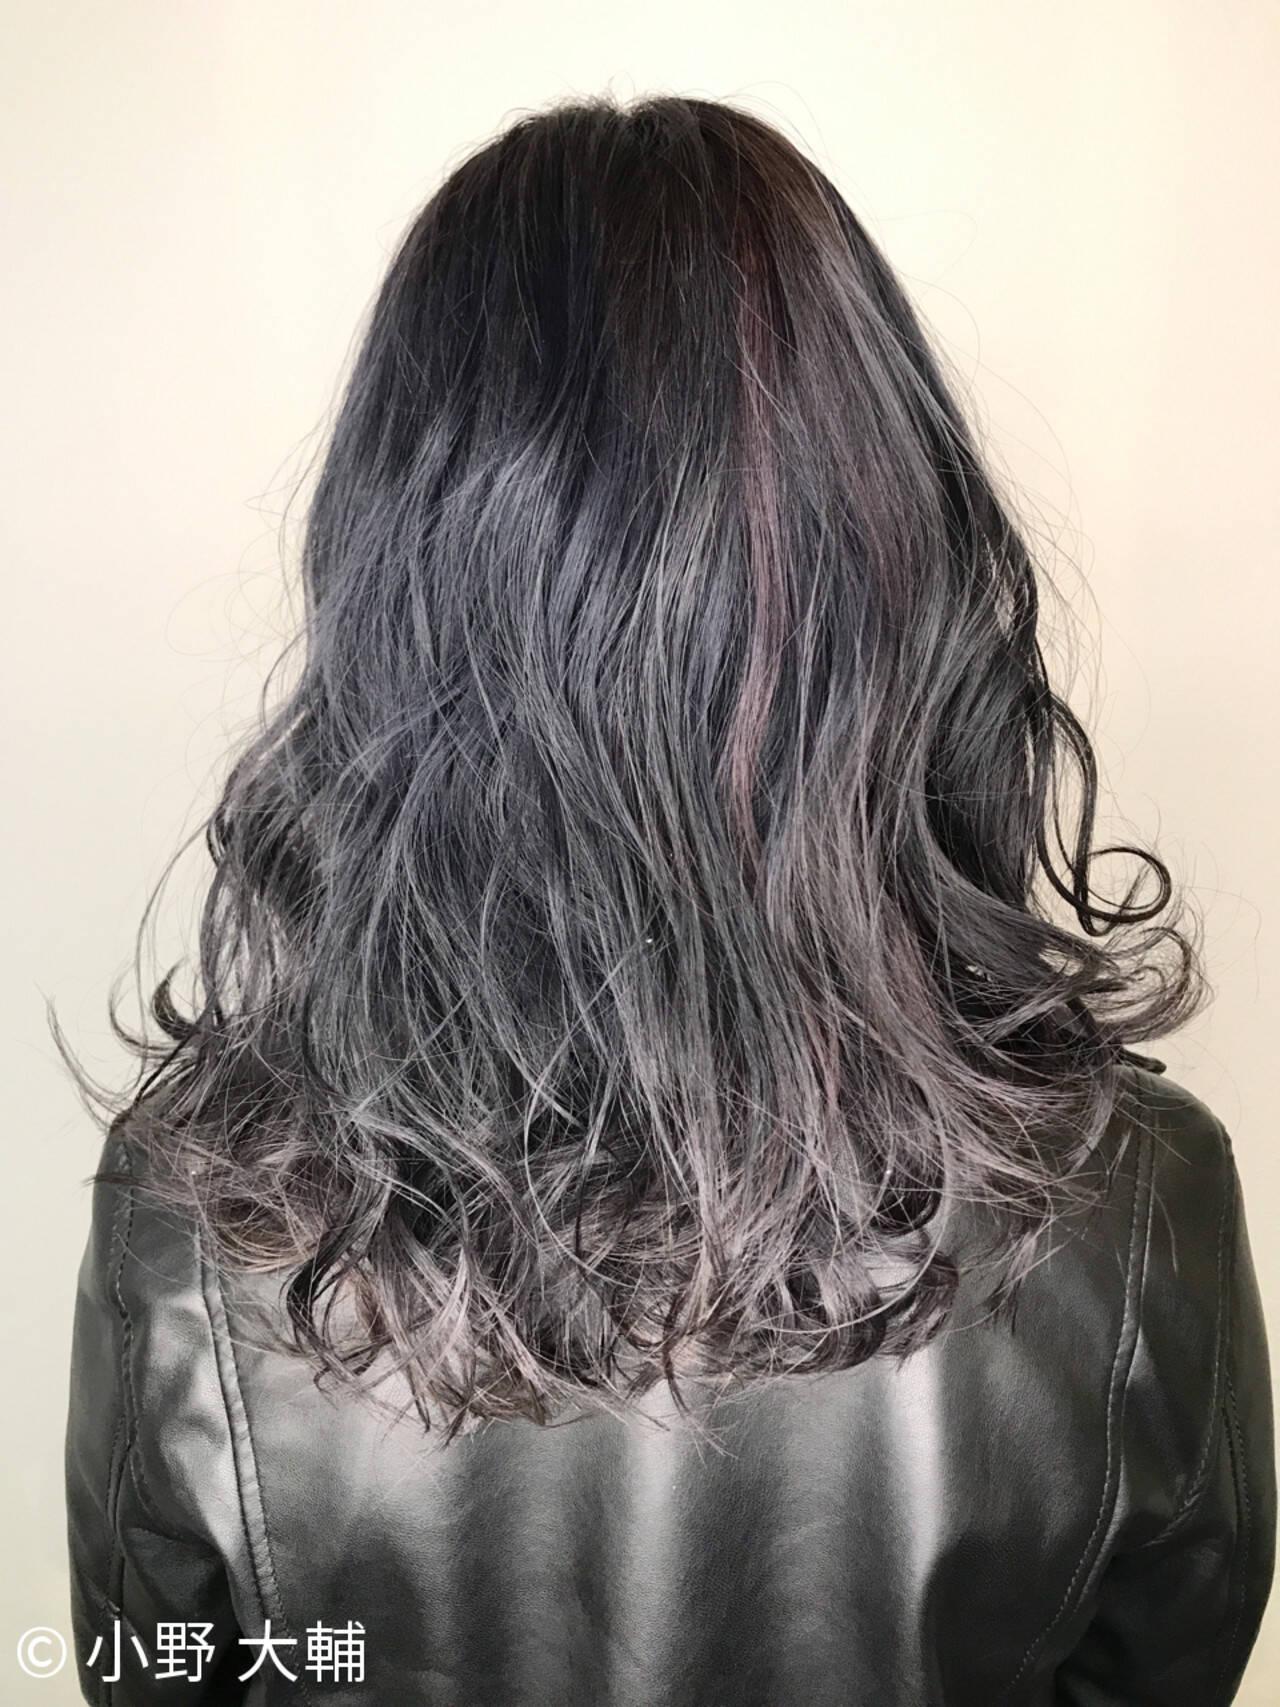 ミディアム ナチュラル ハイライト アッシュヘアスタイルや髪型の写真・画像